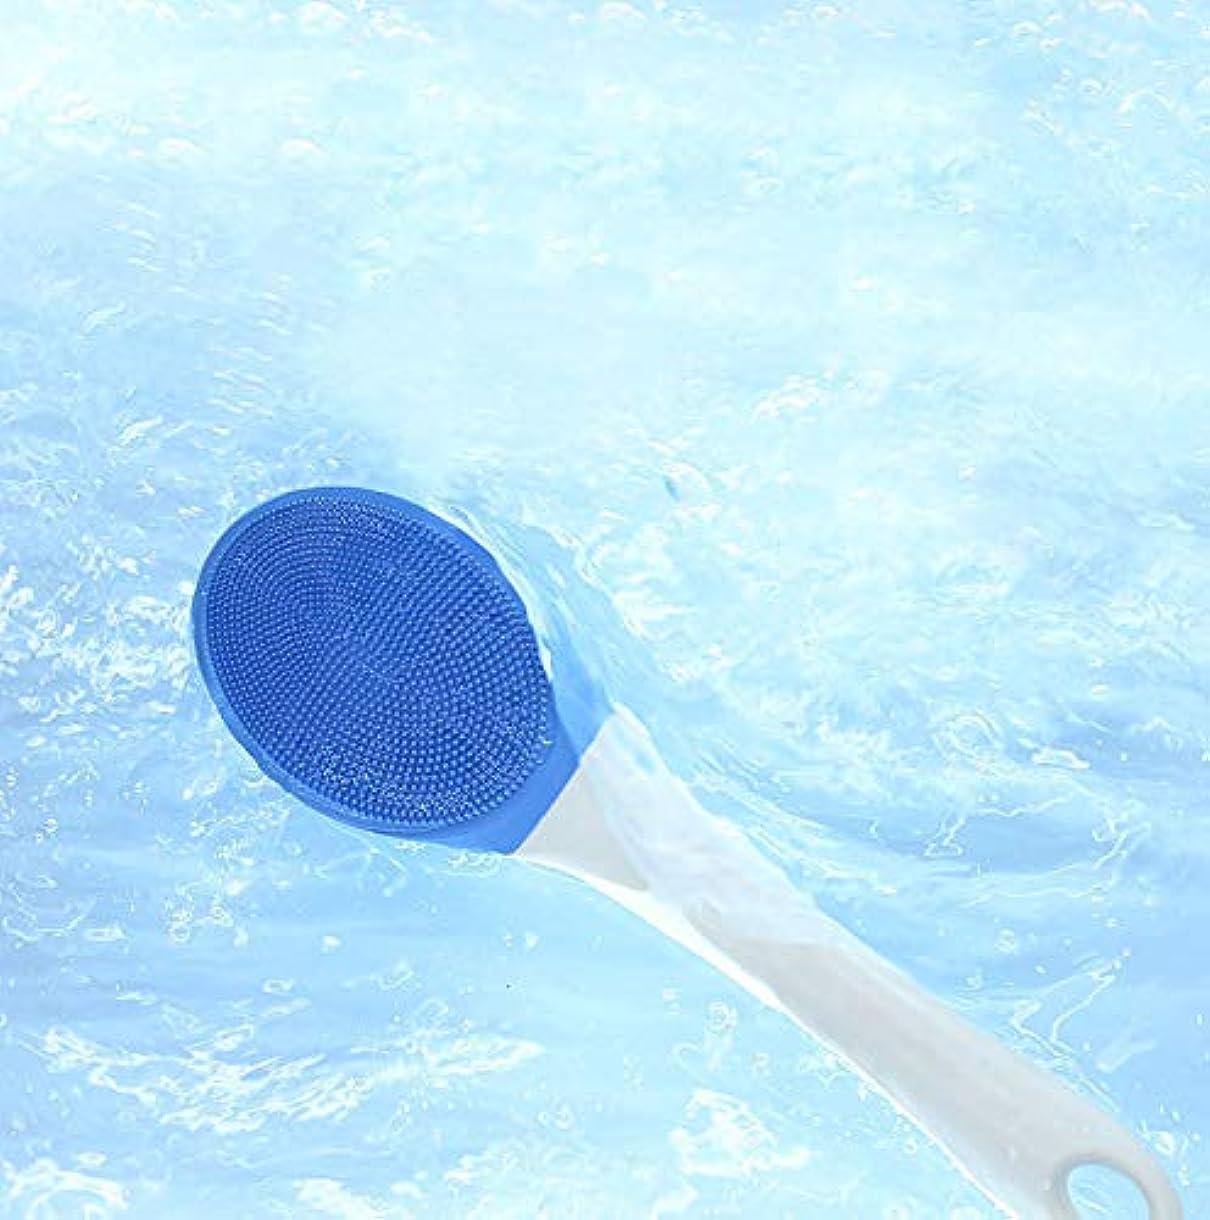 スーパーマーケット放映うつ電気バスブラシ、防水ボディ、洗顔ブラシロングハンドルソニック電動スクラバーディープクリーニング用3スピード調整可能なパルス振動,Blue